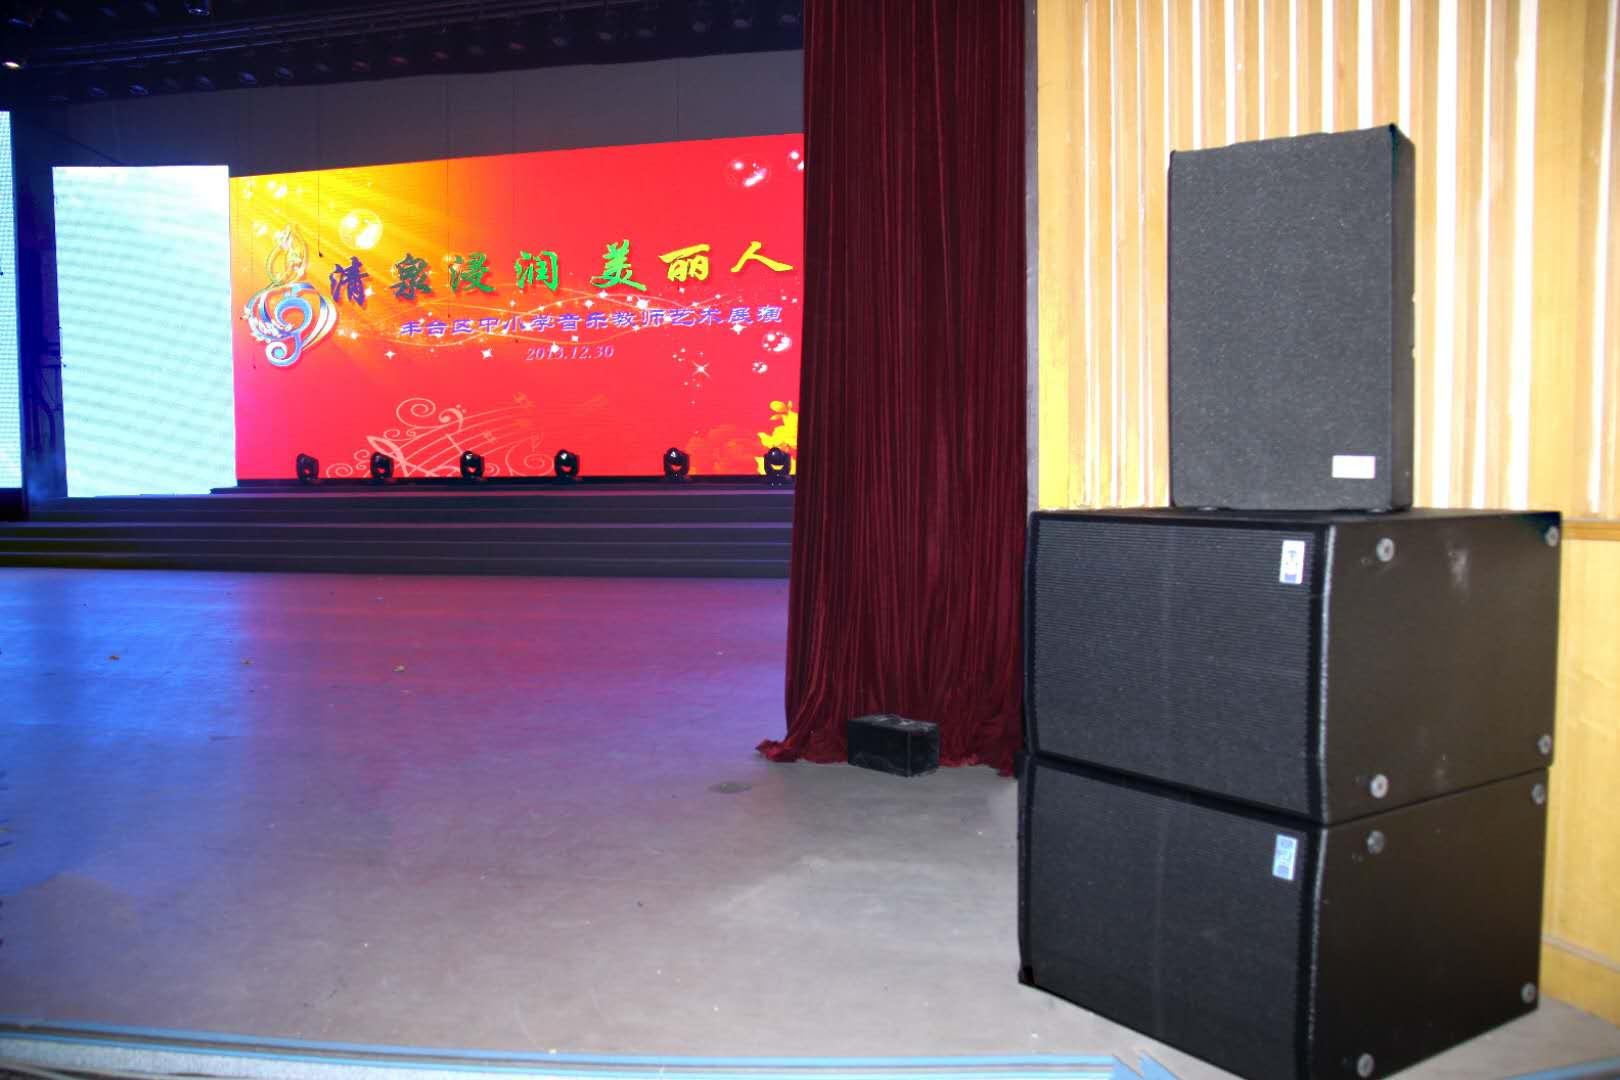 专业音响设备在舞台艺术中的运用